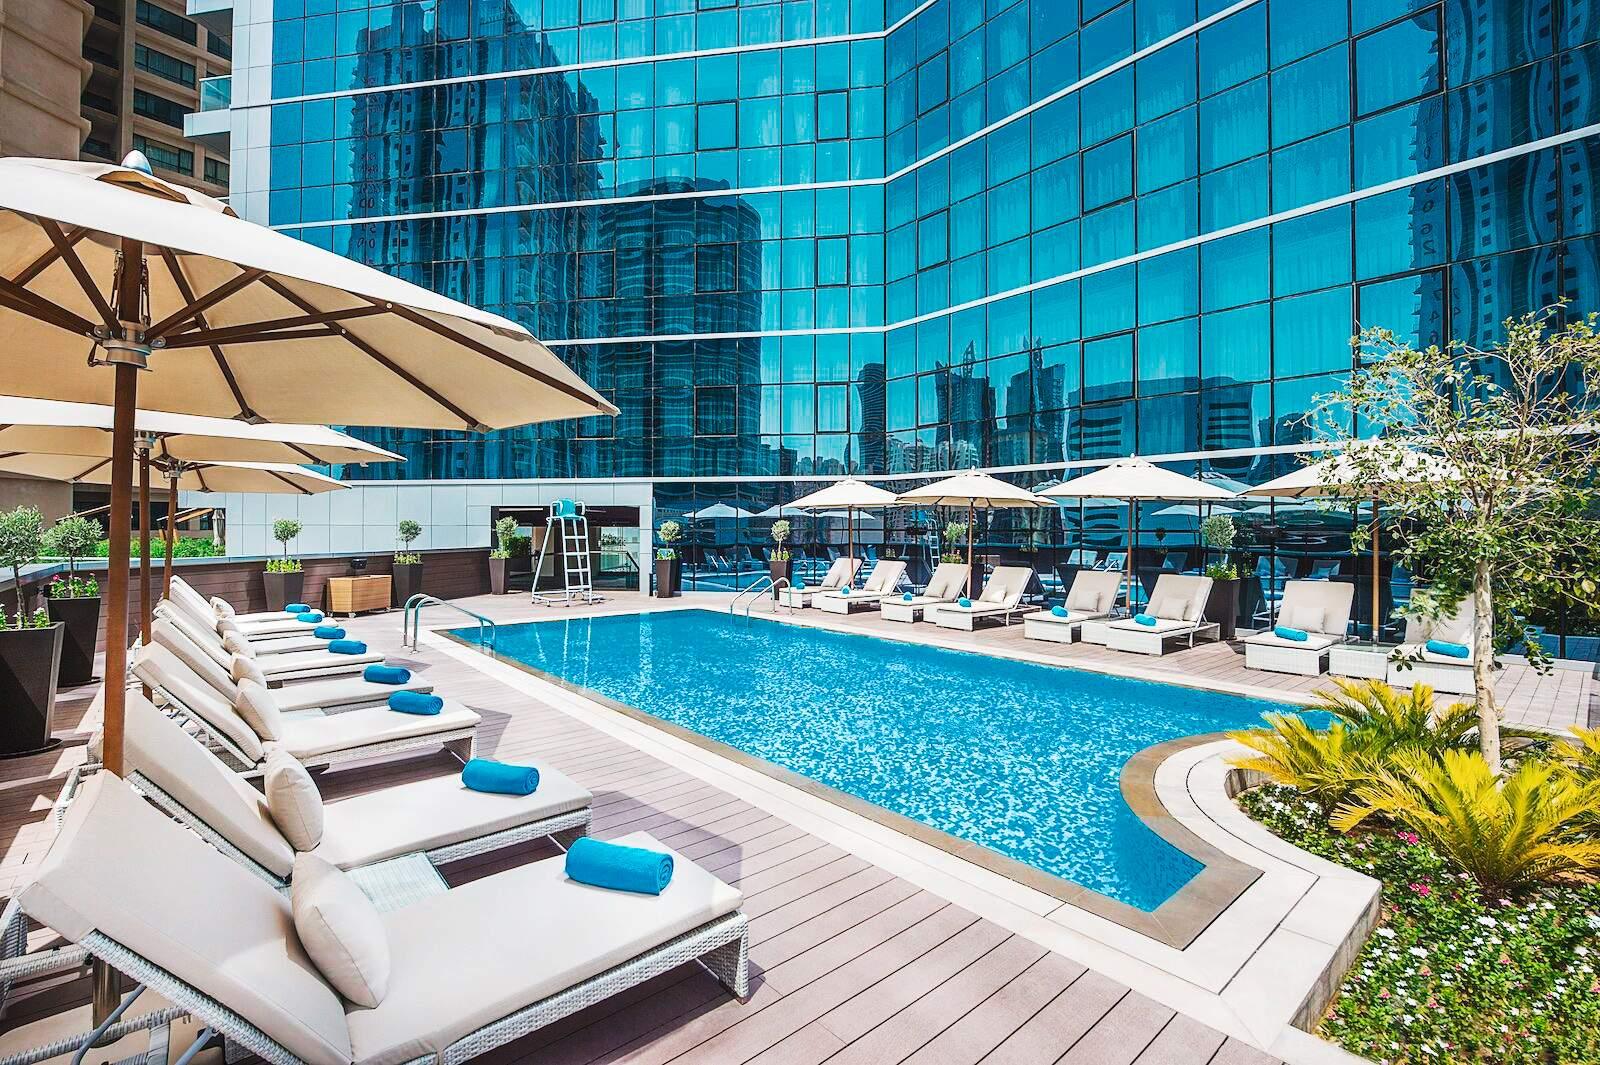 Dubai: Hotel Tryp by Wyndham Barsha Heigts